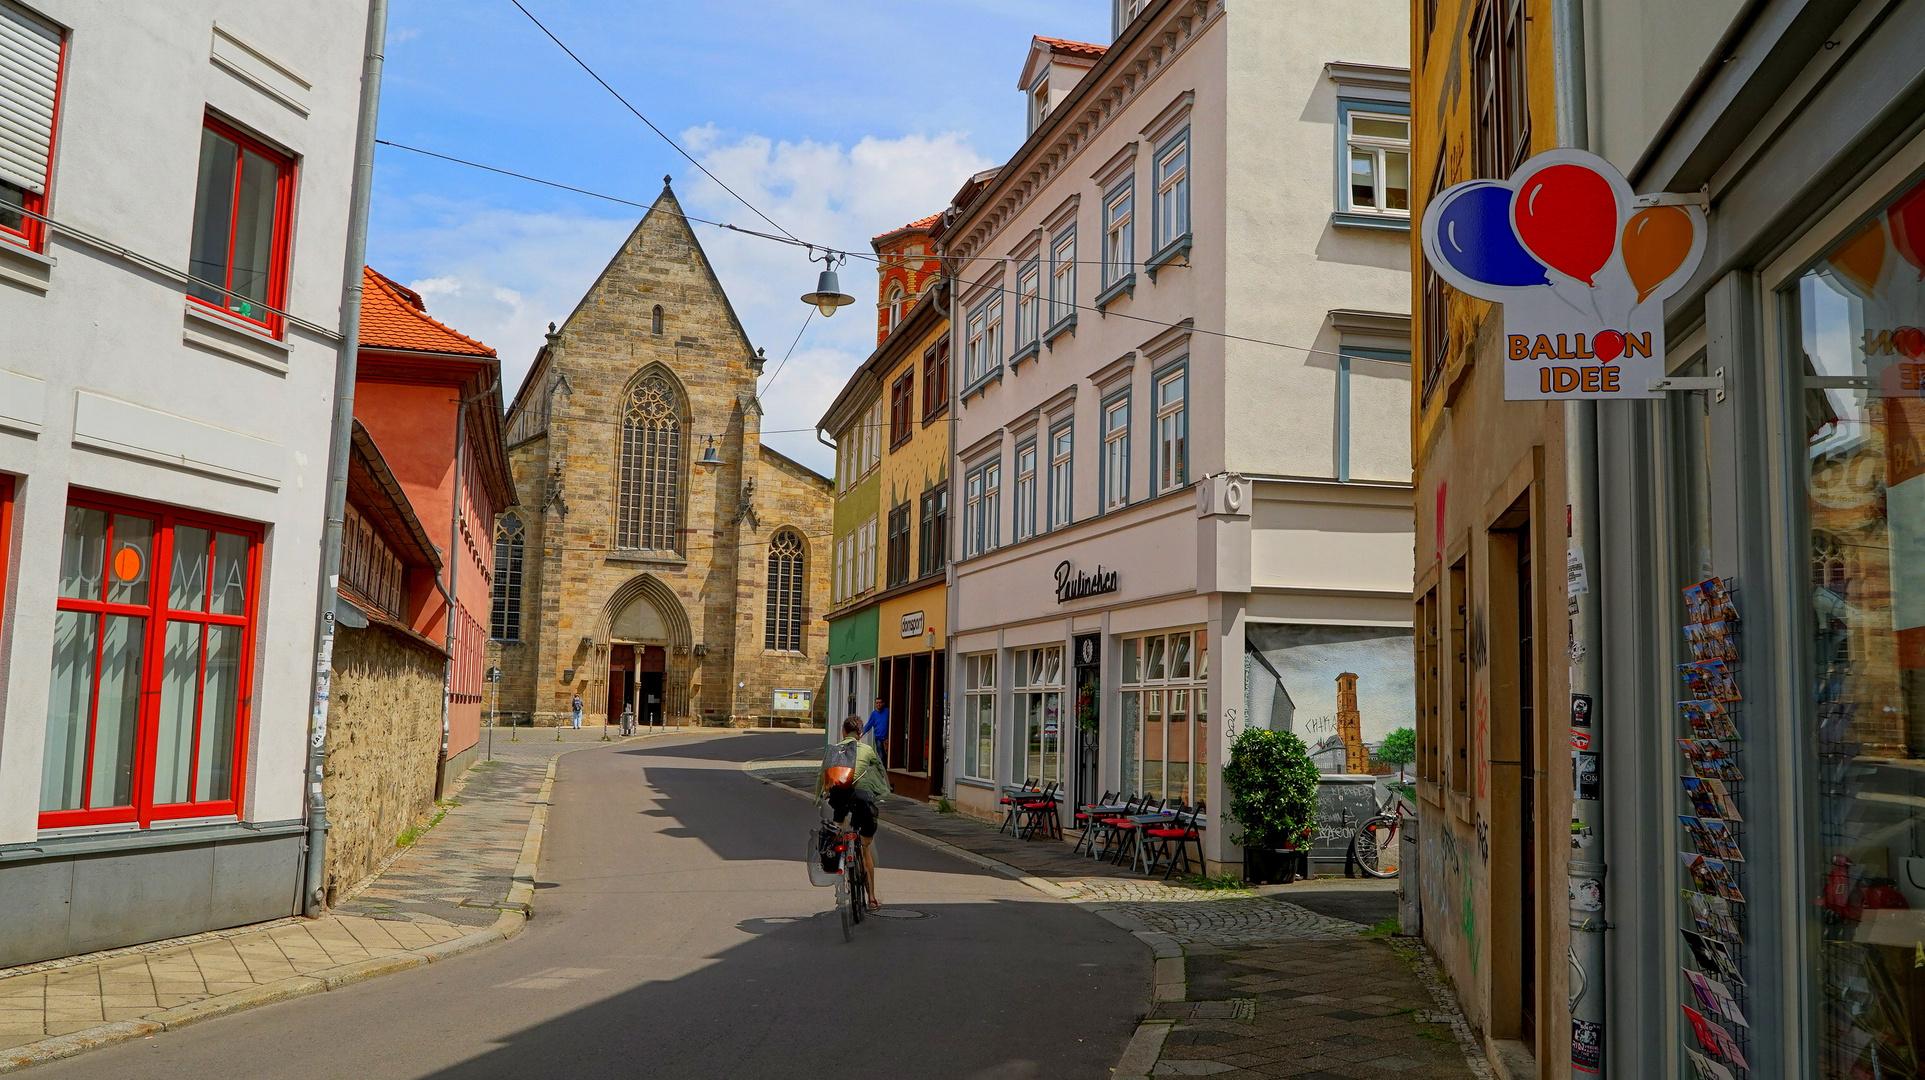 wieder in Erfurt, 10 (en Erfurt otra vez, 10)